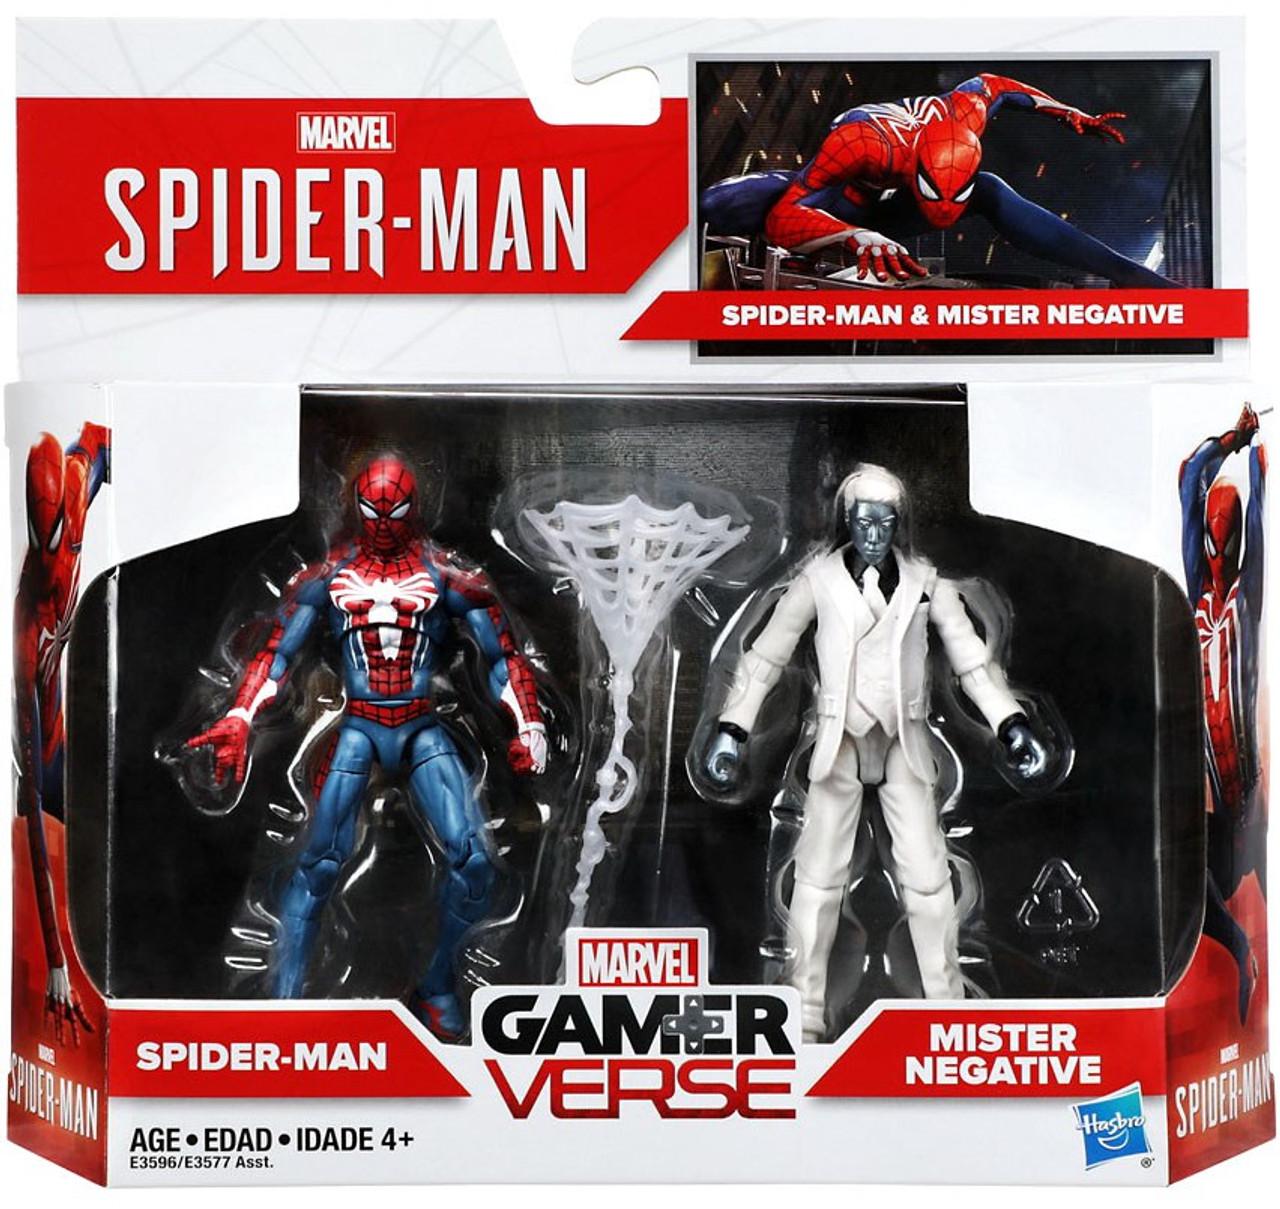 Marvel Gamerverse Spider-Man /& Mister Negative Exclusive Action Figure 2-Pack